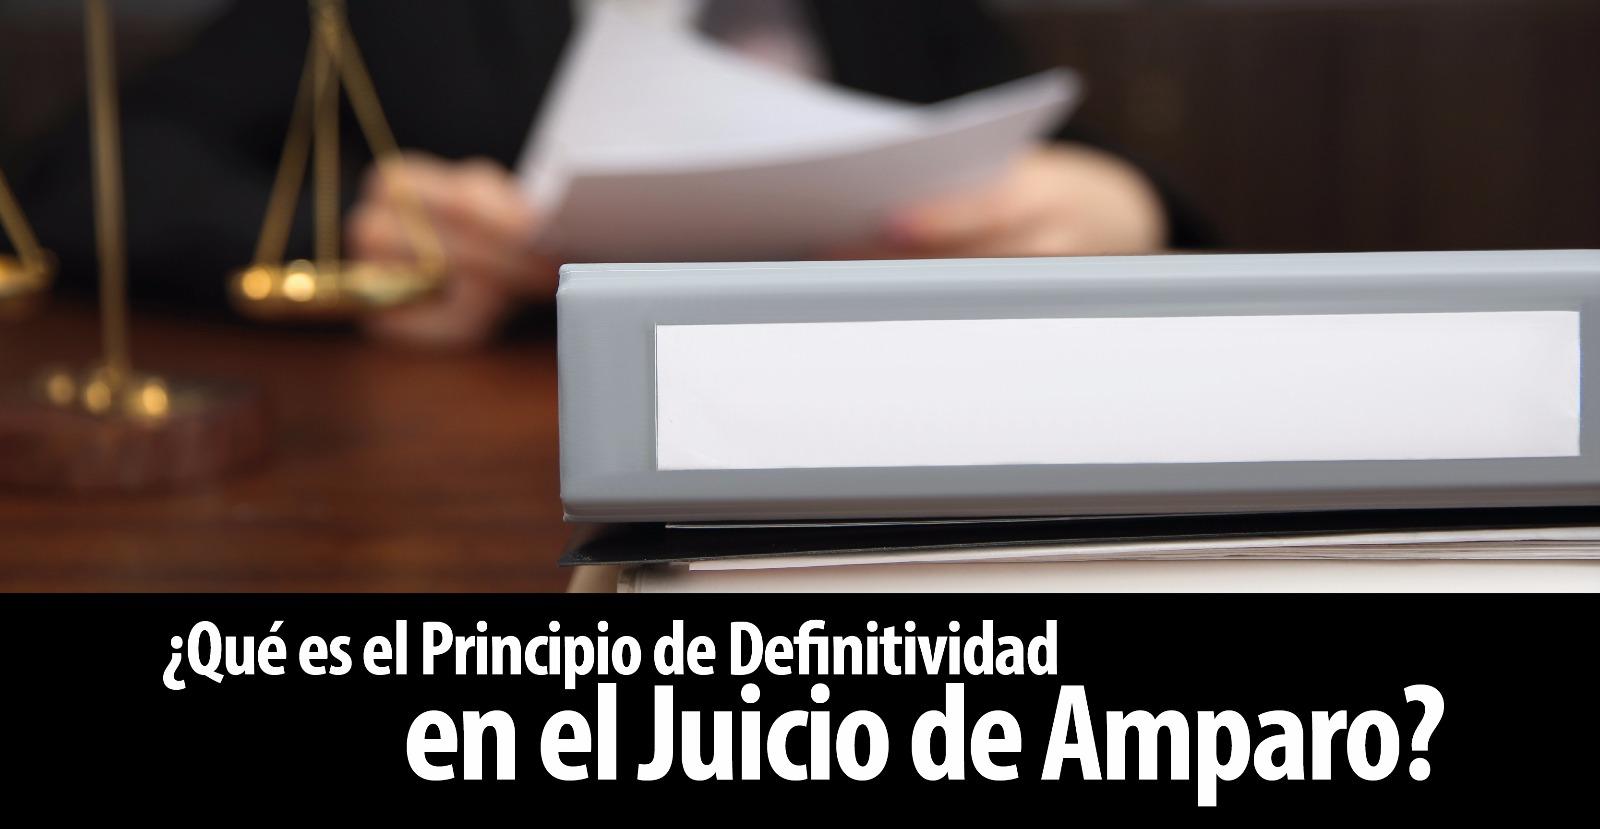 ¿Qué es el Principio de Definitividad en el Juicio de Amparo?